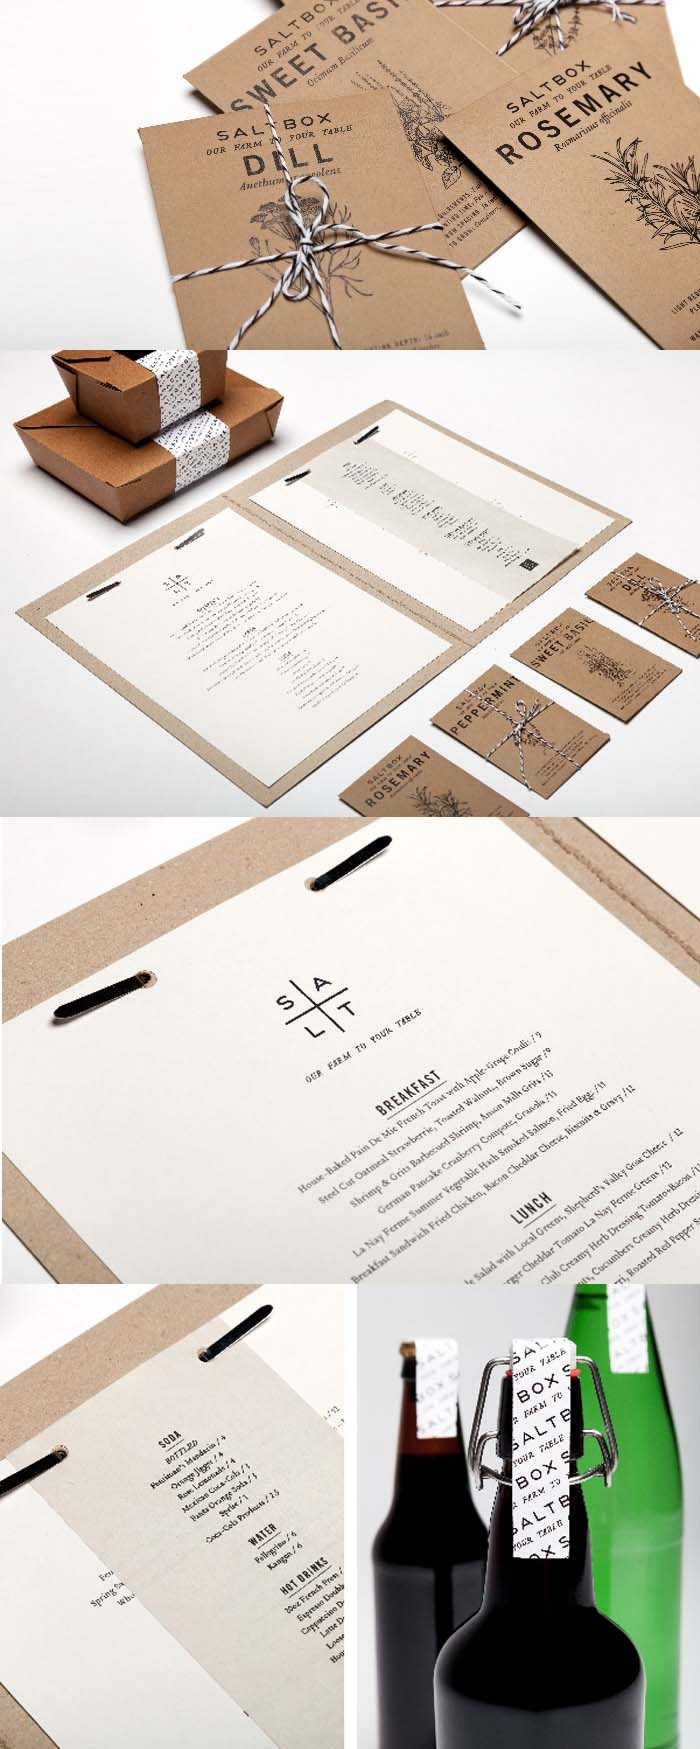 Salt Box restaurant branding | designed by  Elyse Taylor of Wander + Find